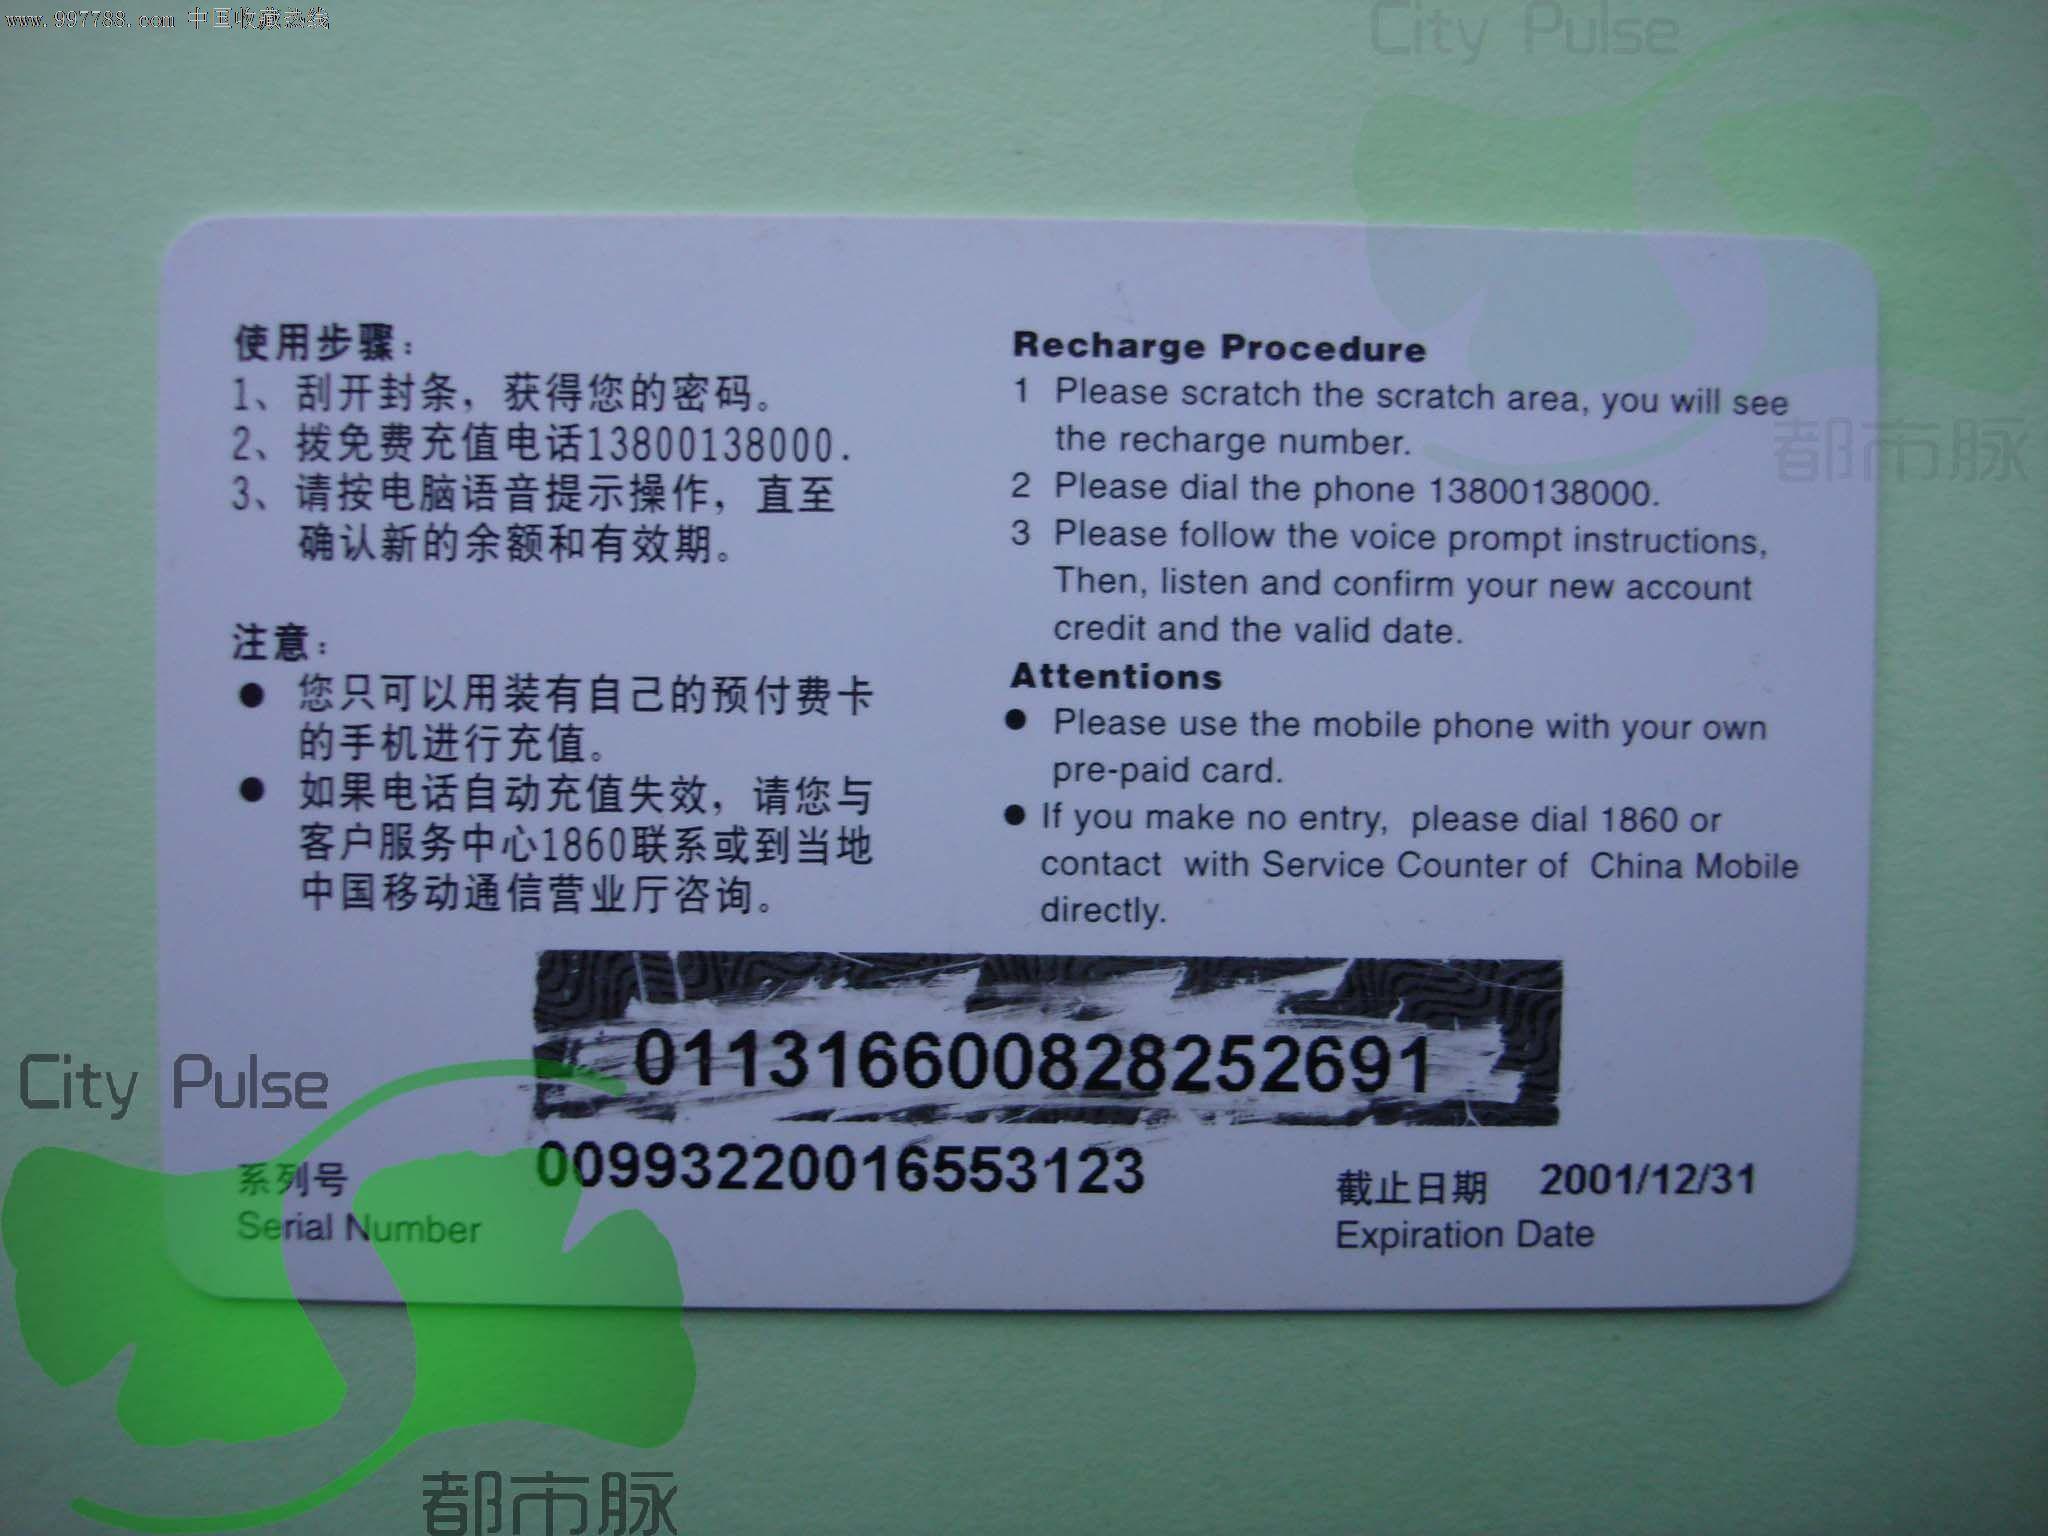 神州行充值卡买_还没使用的《中国移动神州行充值卡》美猴王图